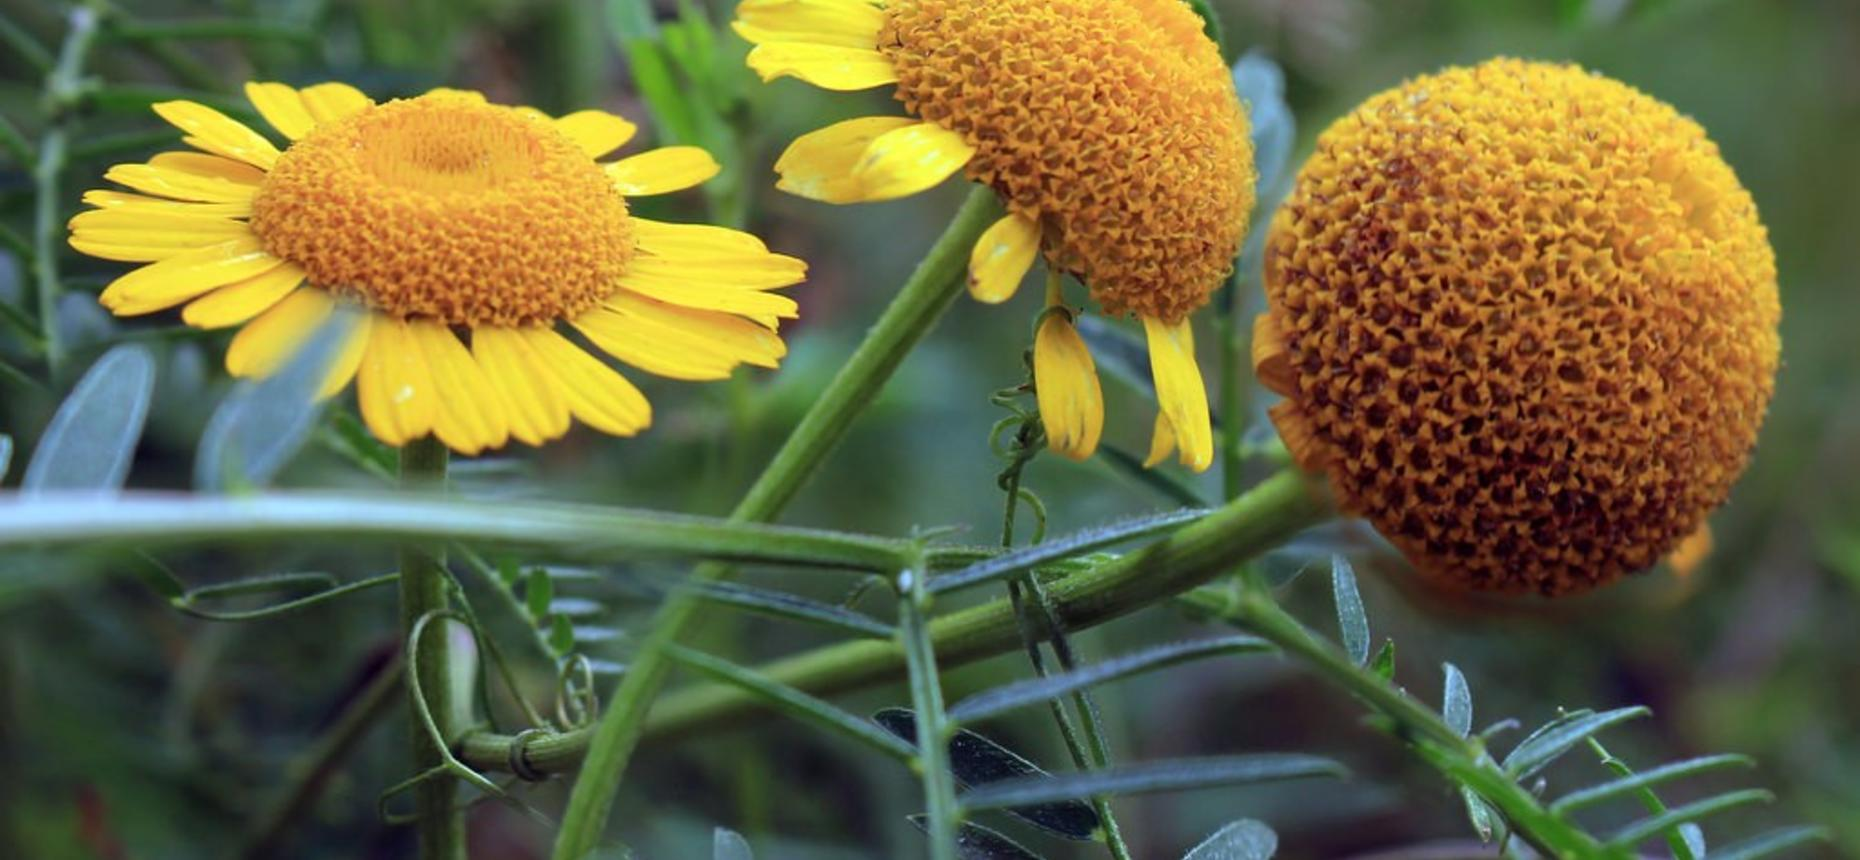 Хризантема посевная, полевая - Chrysanthemum segetumL.